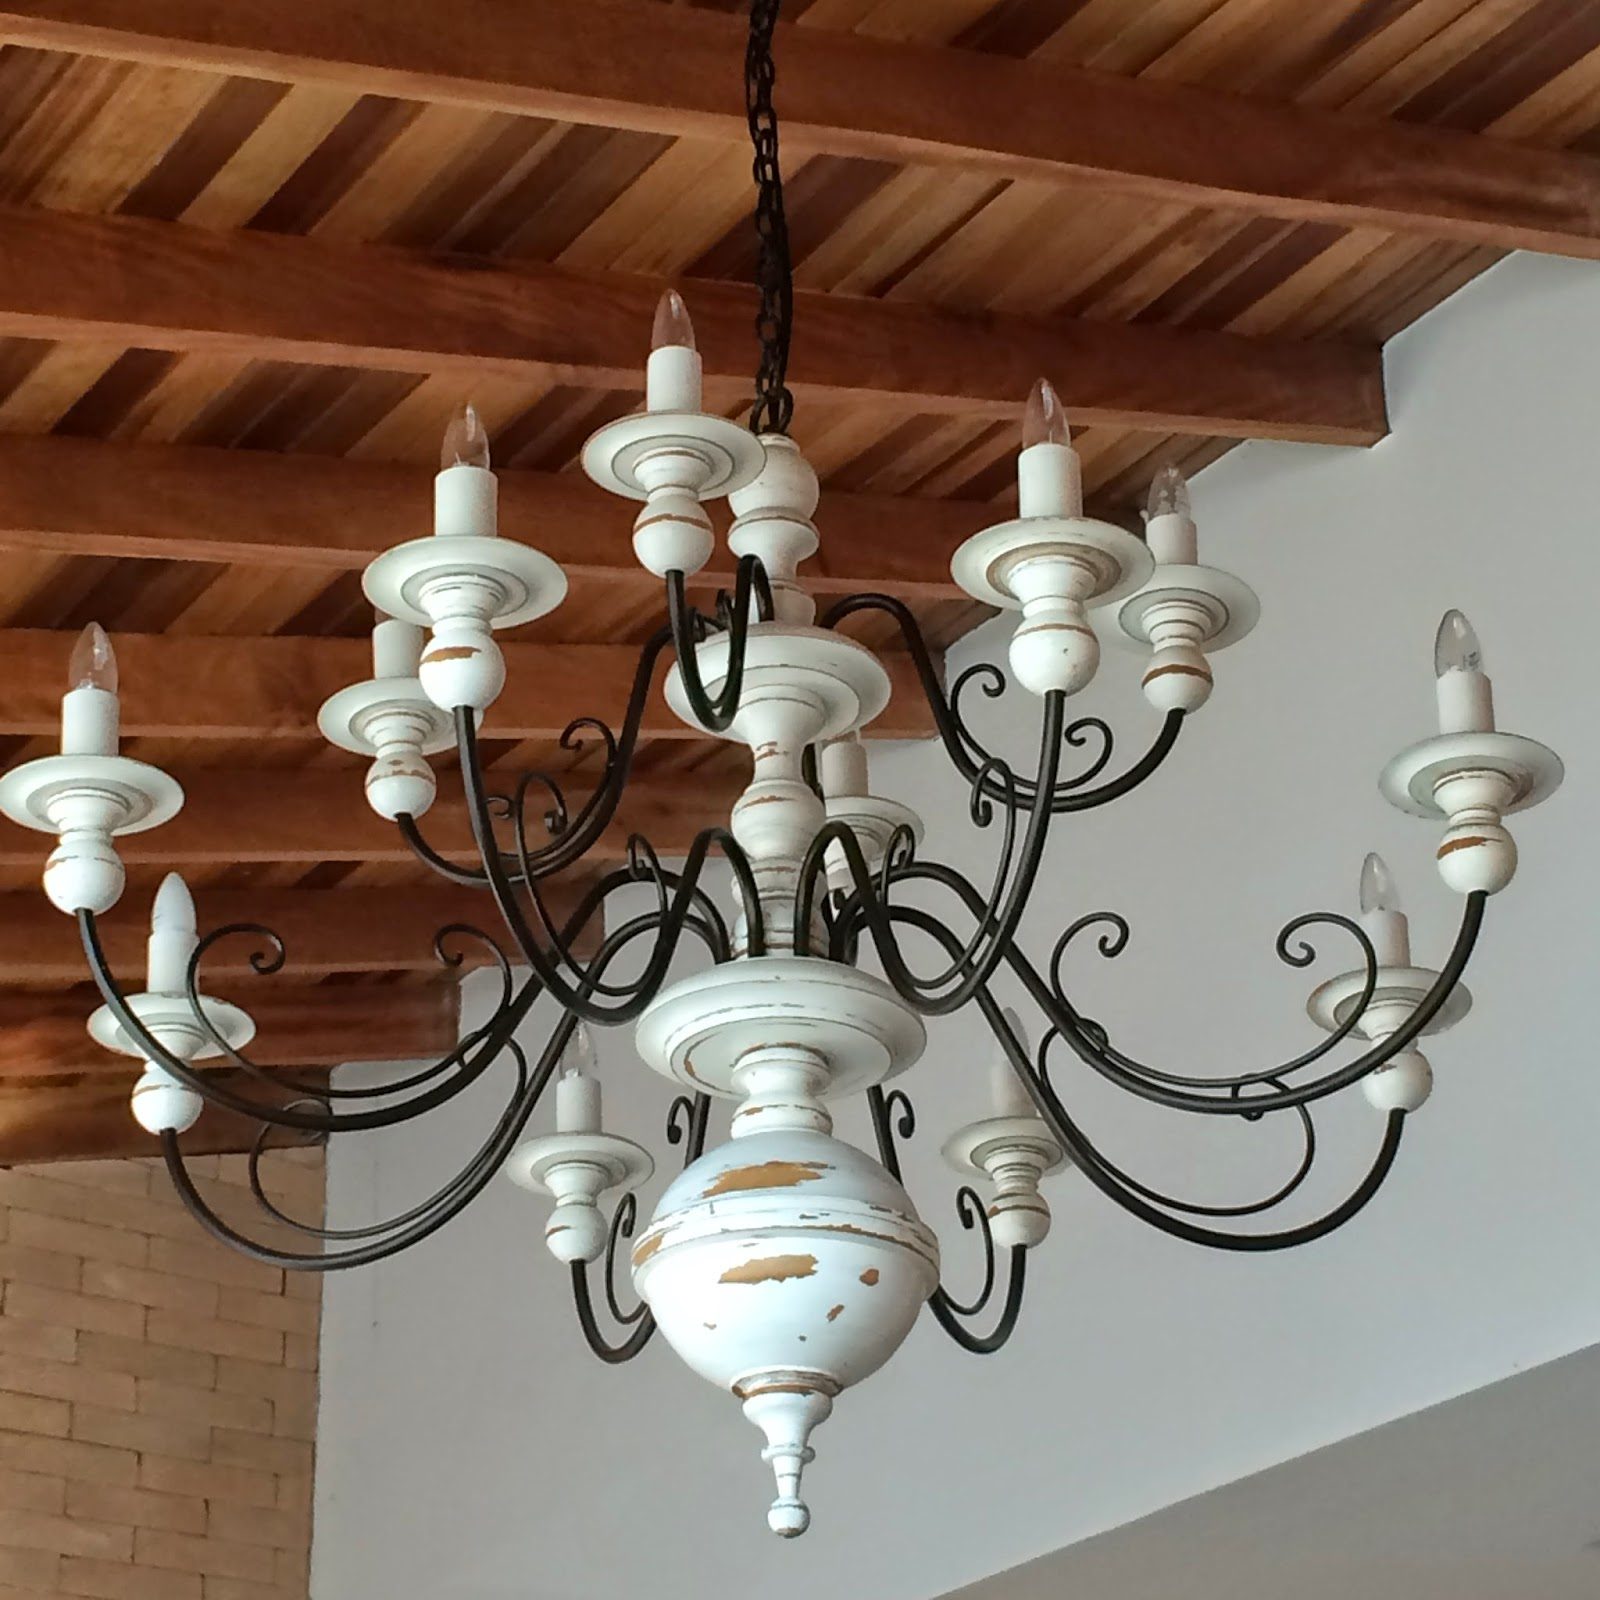 lustre r stico em metal e madeira torneada inspira o. Black Bedroom Furniture Sets. Home Design Ideas